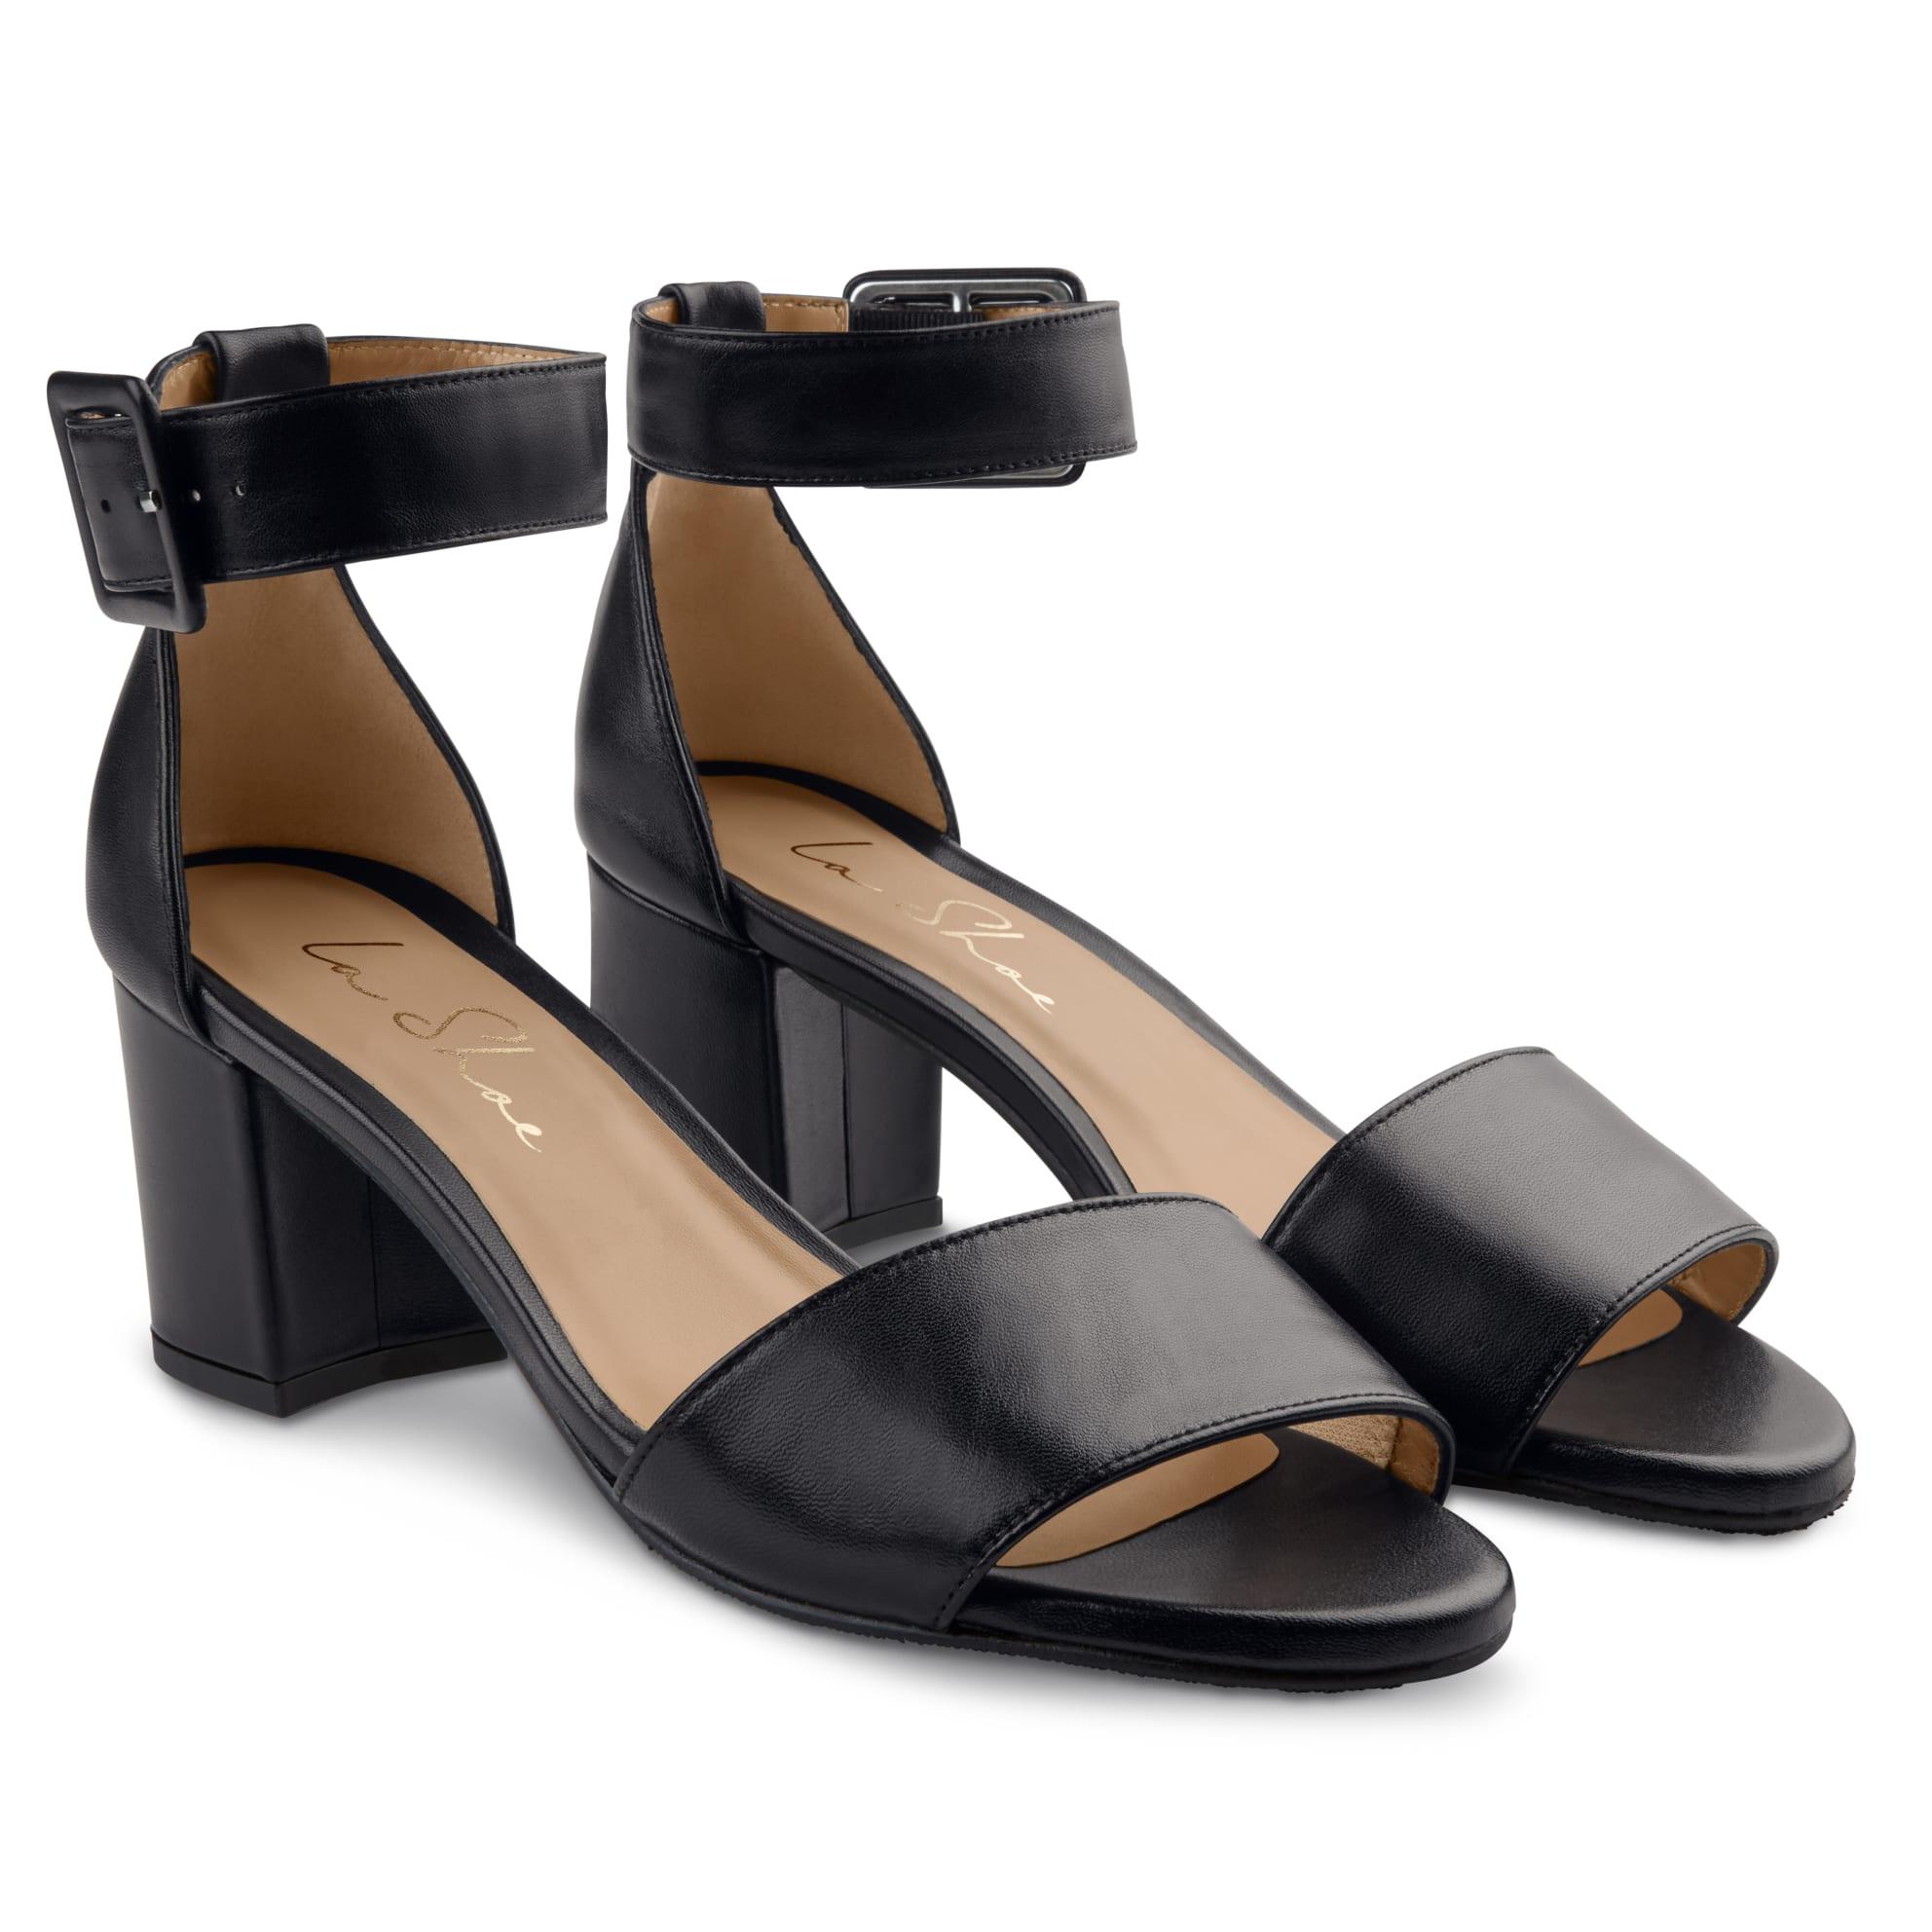 Sandalette mit Fesselriemchen Schwarz – modischer und bequemer Schuh für Hallux valgus und empfindliche Füße von LaShoe.de